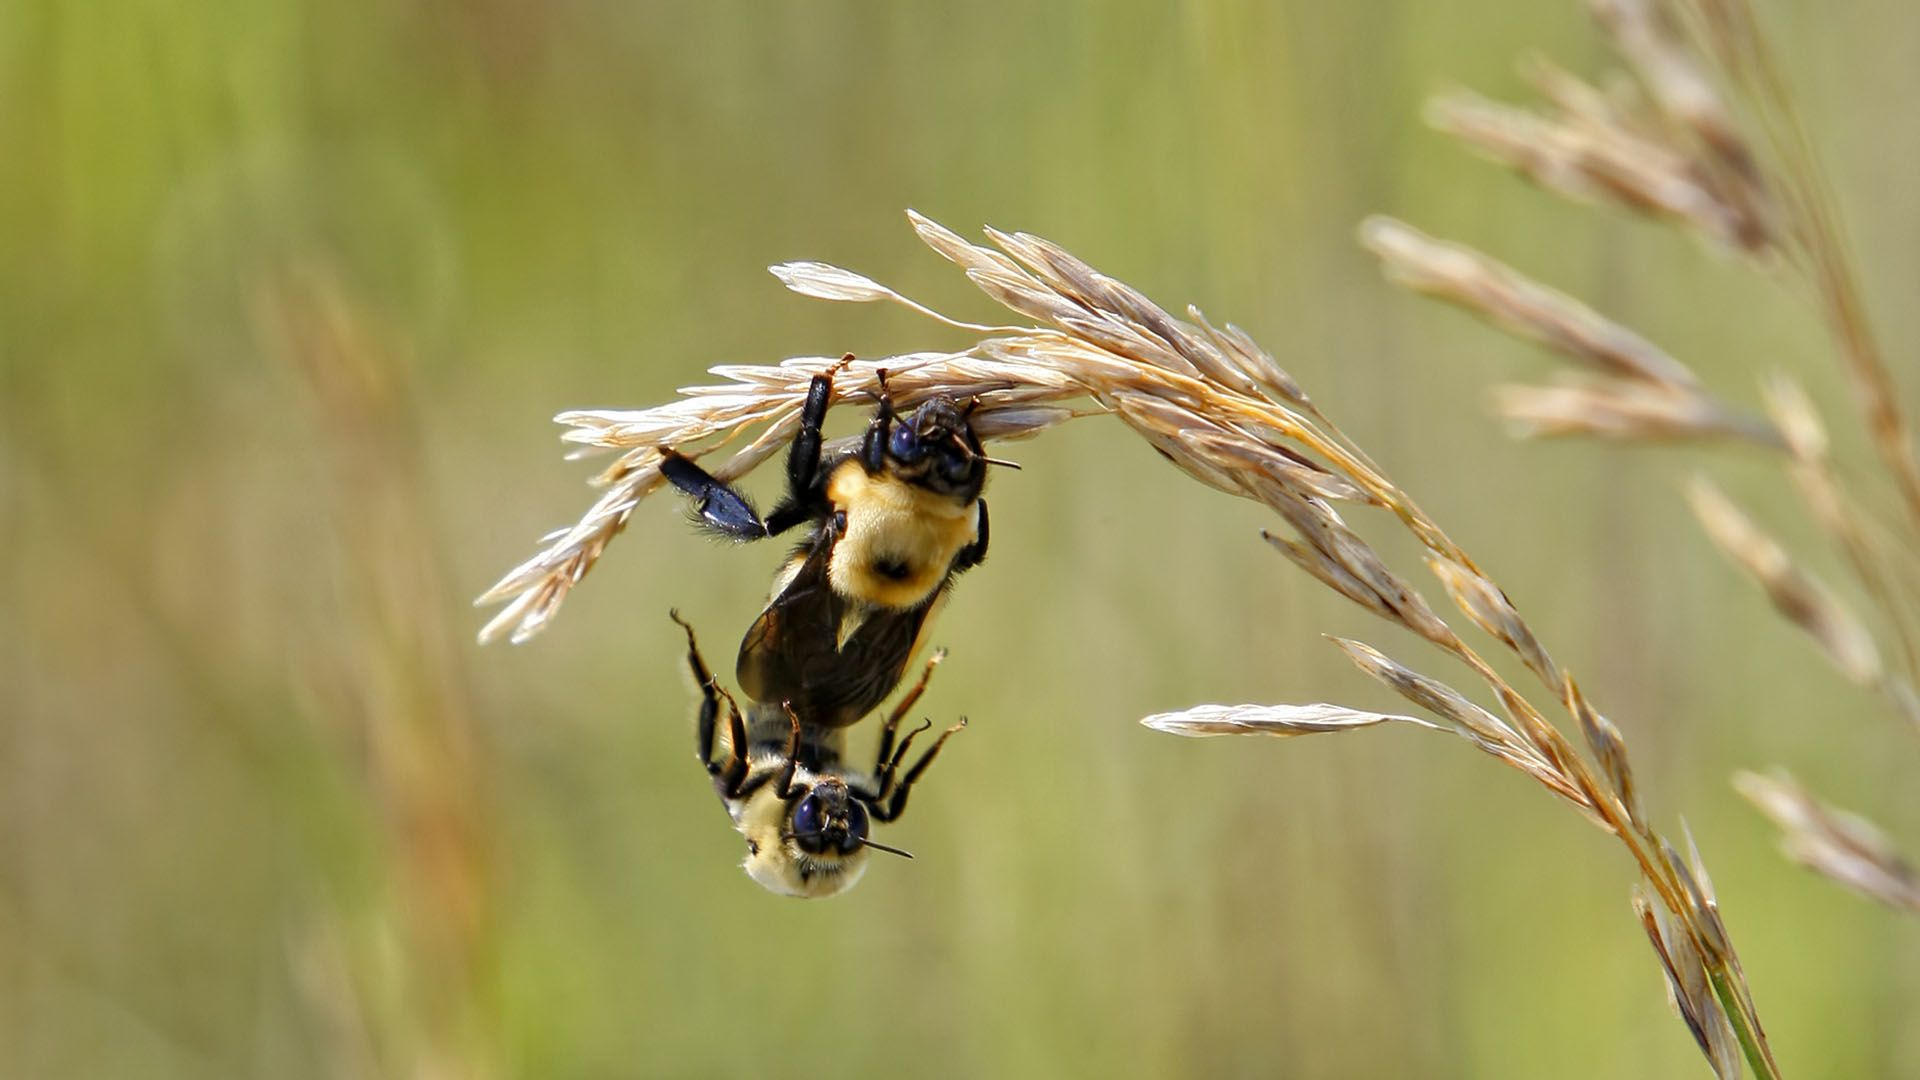 The Queen Bee Honey Bee Mating